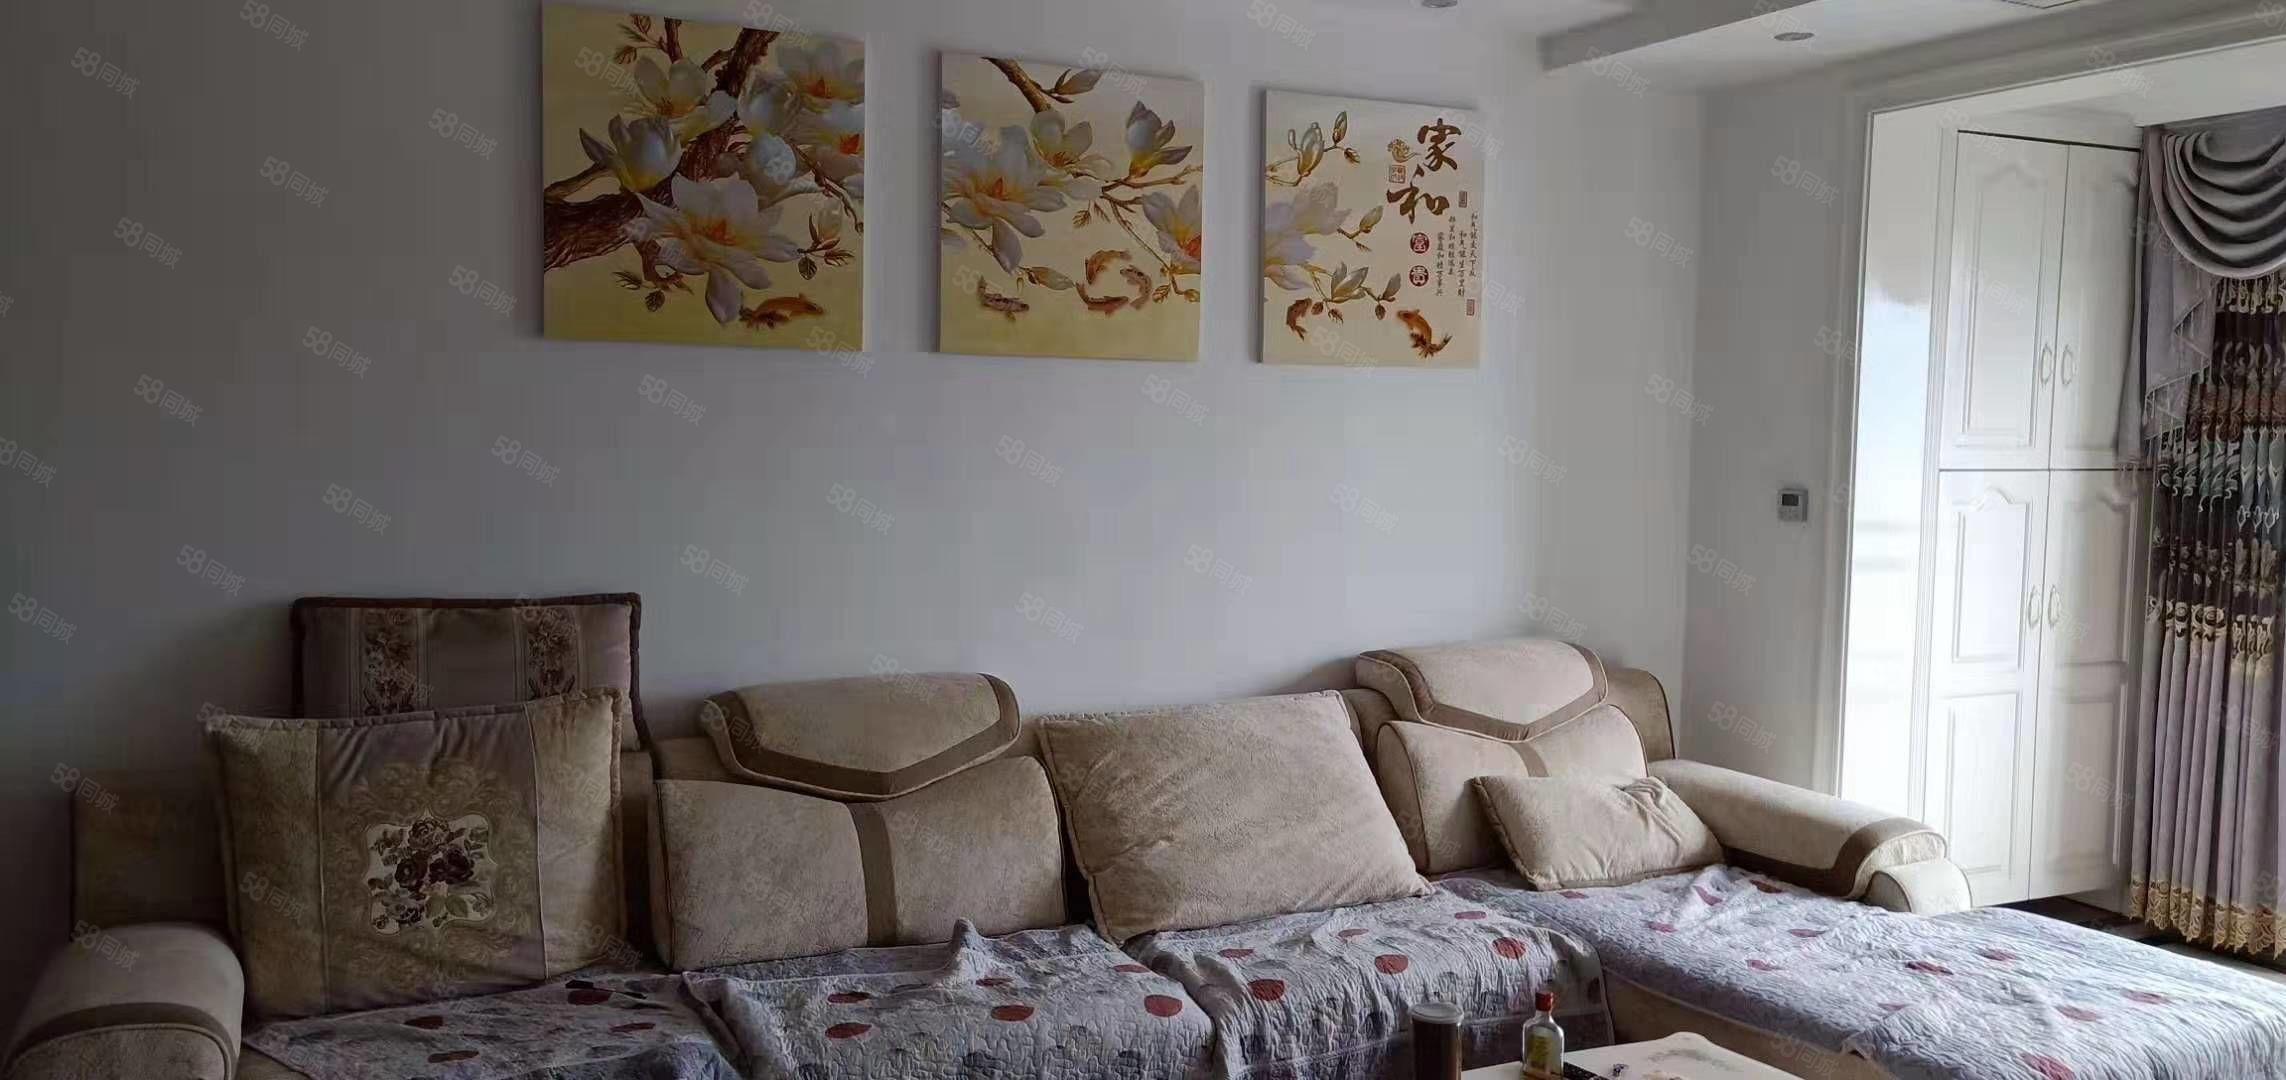 圣泉小区,80平米,2室2厅,5楼精装,价格38万,可按揭。